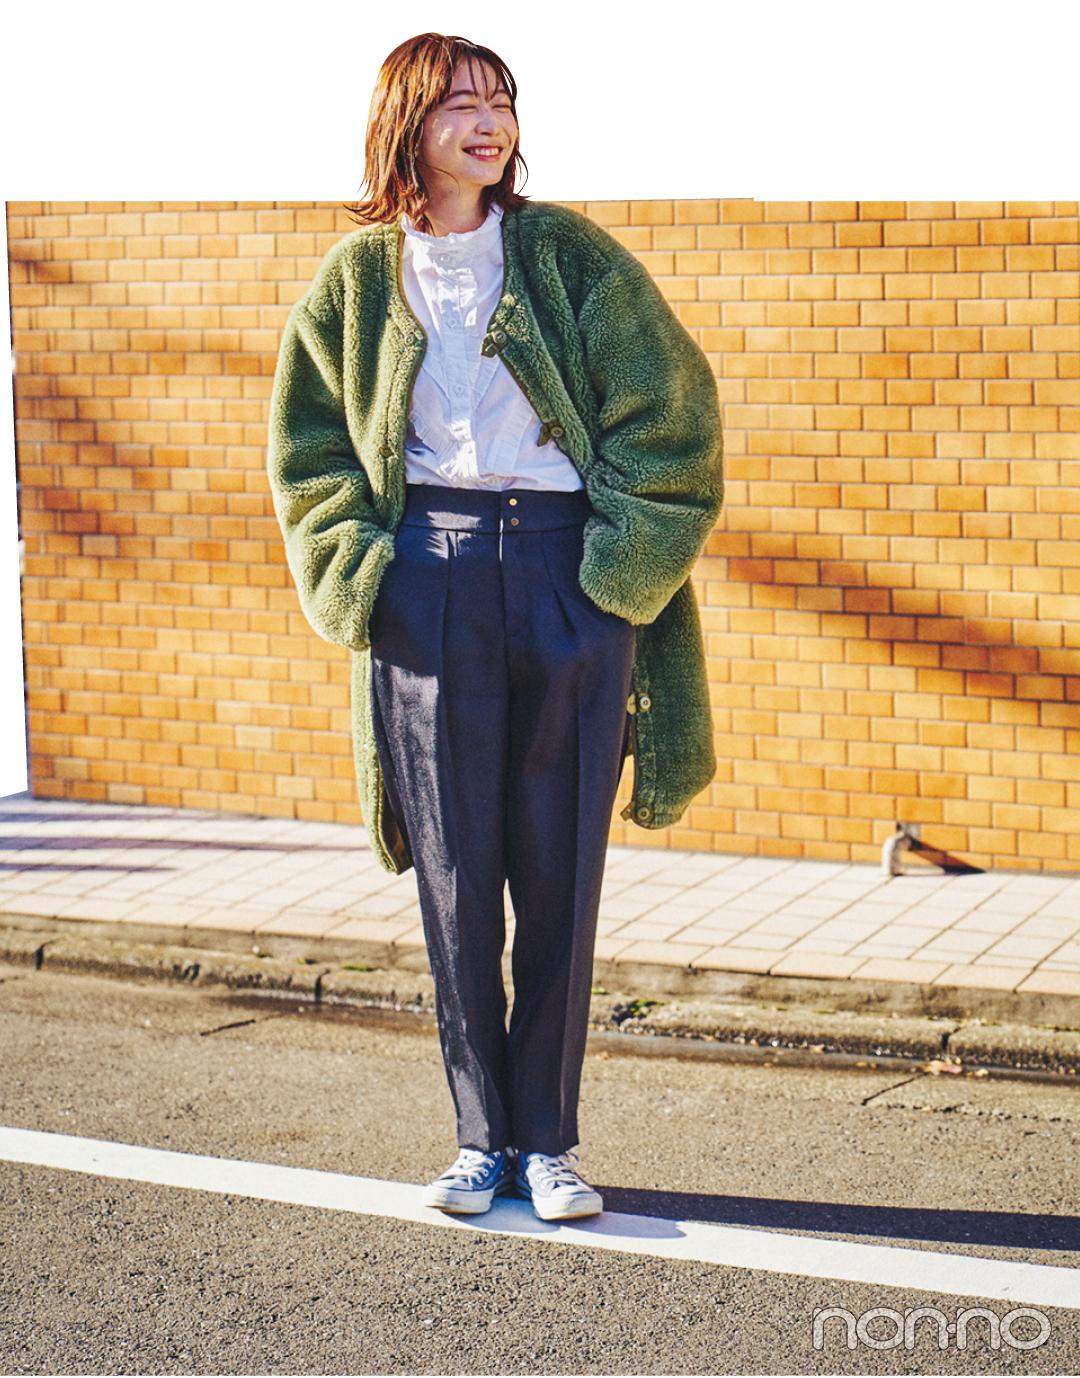 Photo Gallery 着こなしの参考に♡ ノンノモデルのリアル私服を公開!_1_21